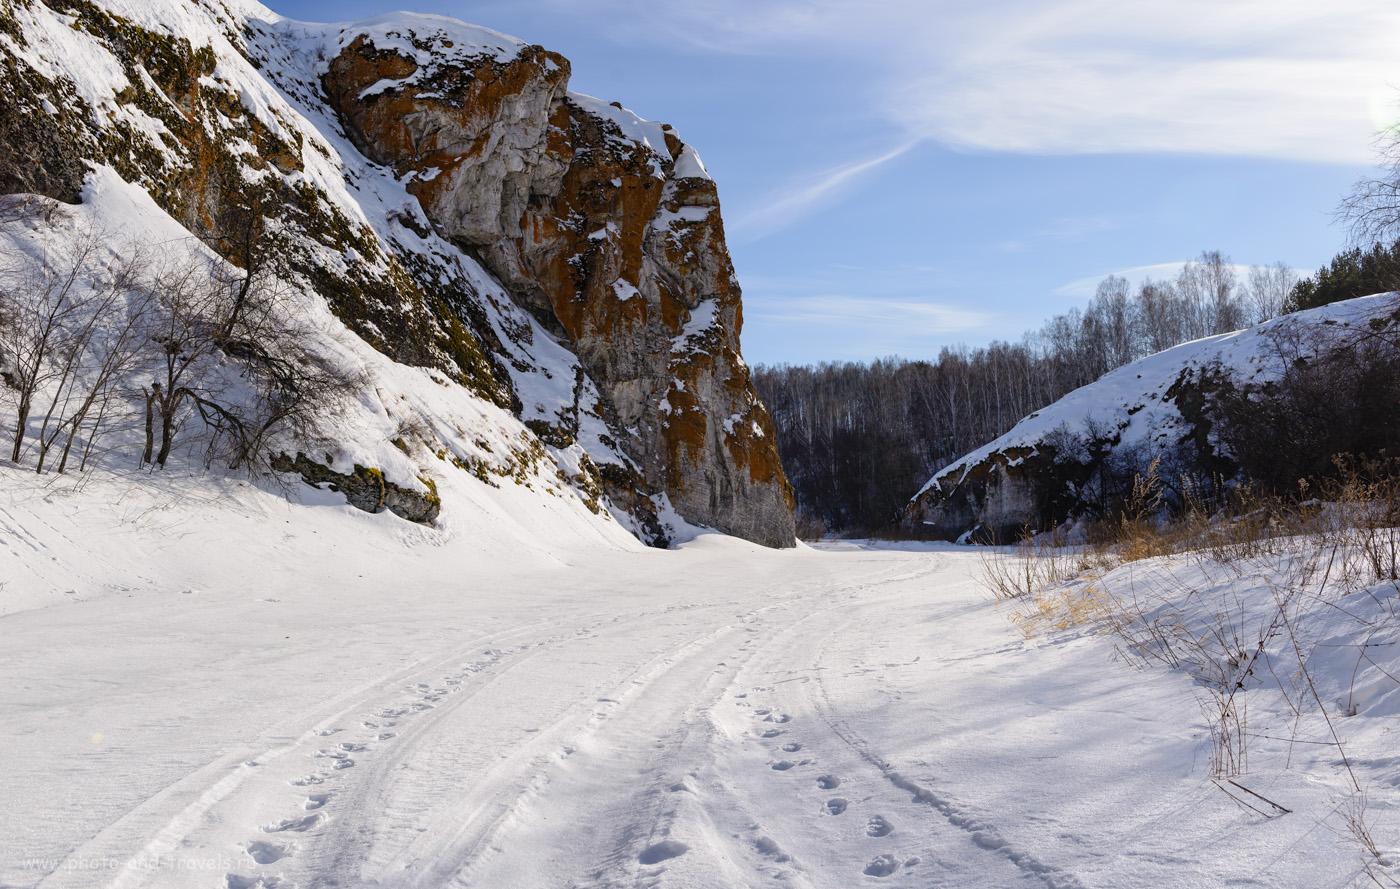 Фотография 35. За этой скалой тропа уводит налево в гору – туда, где шоссе. Как дойти до Зотинской пещеры. 1/200, 8.0, 100, 34.